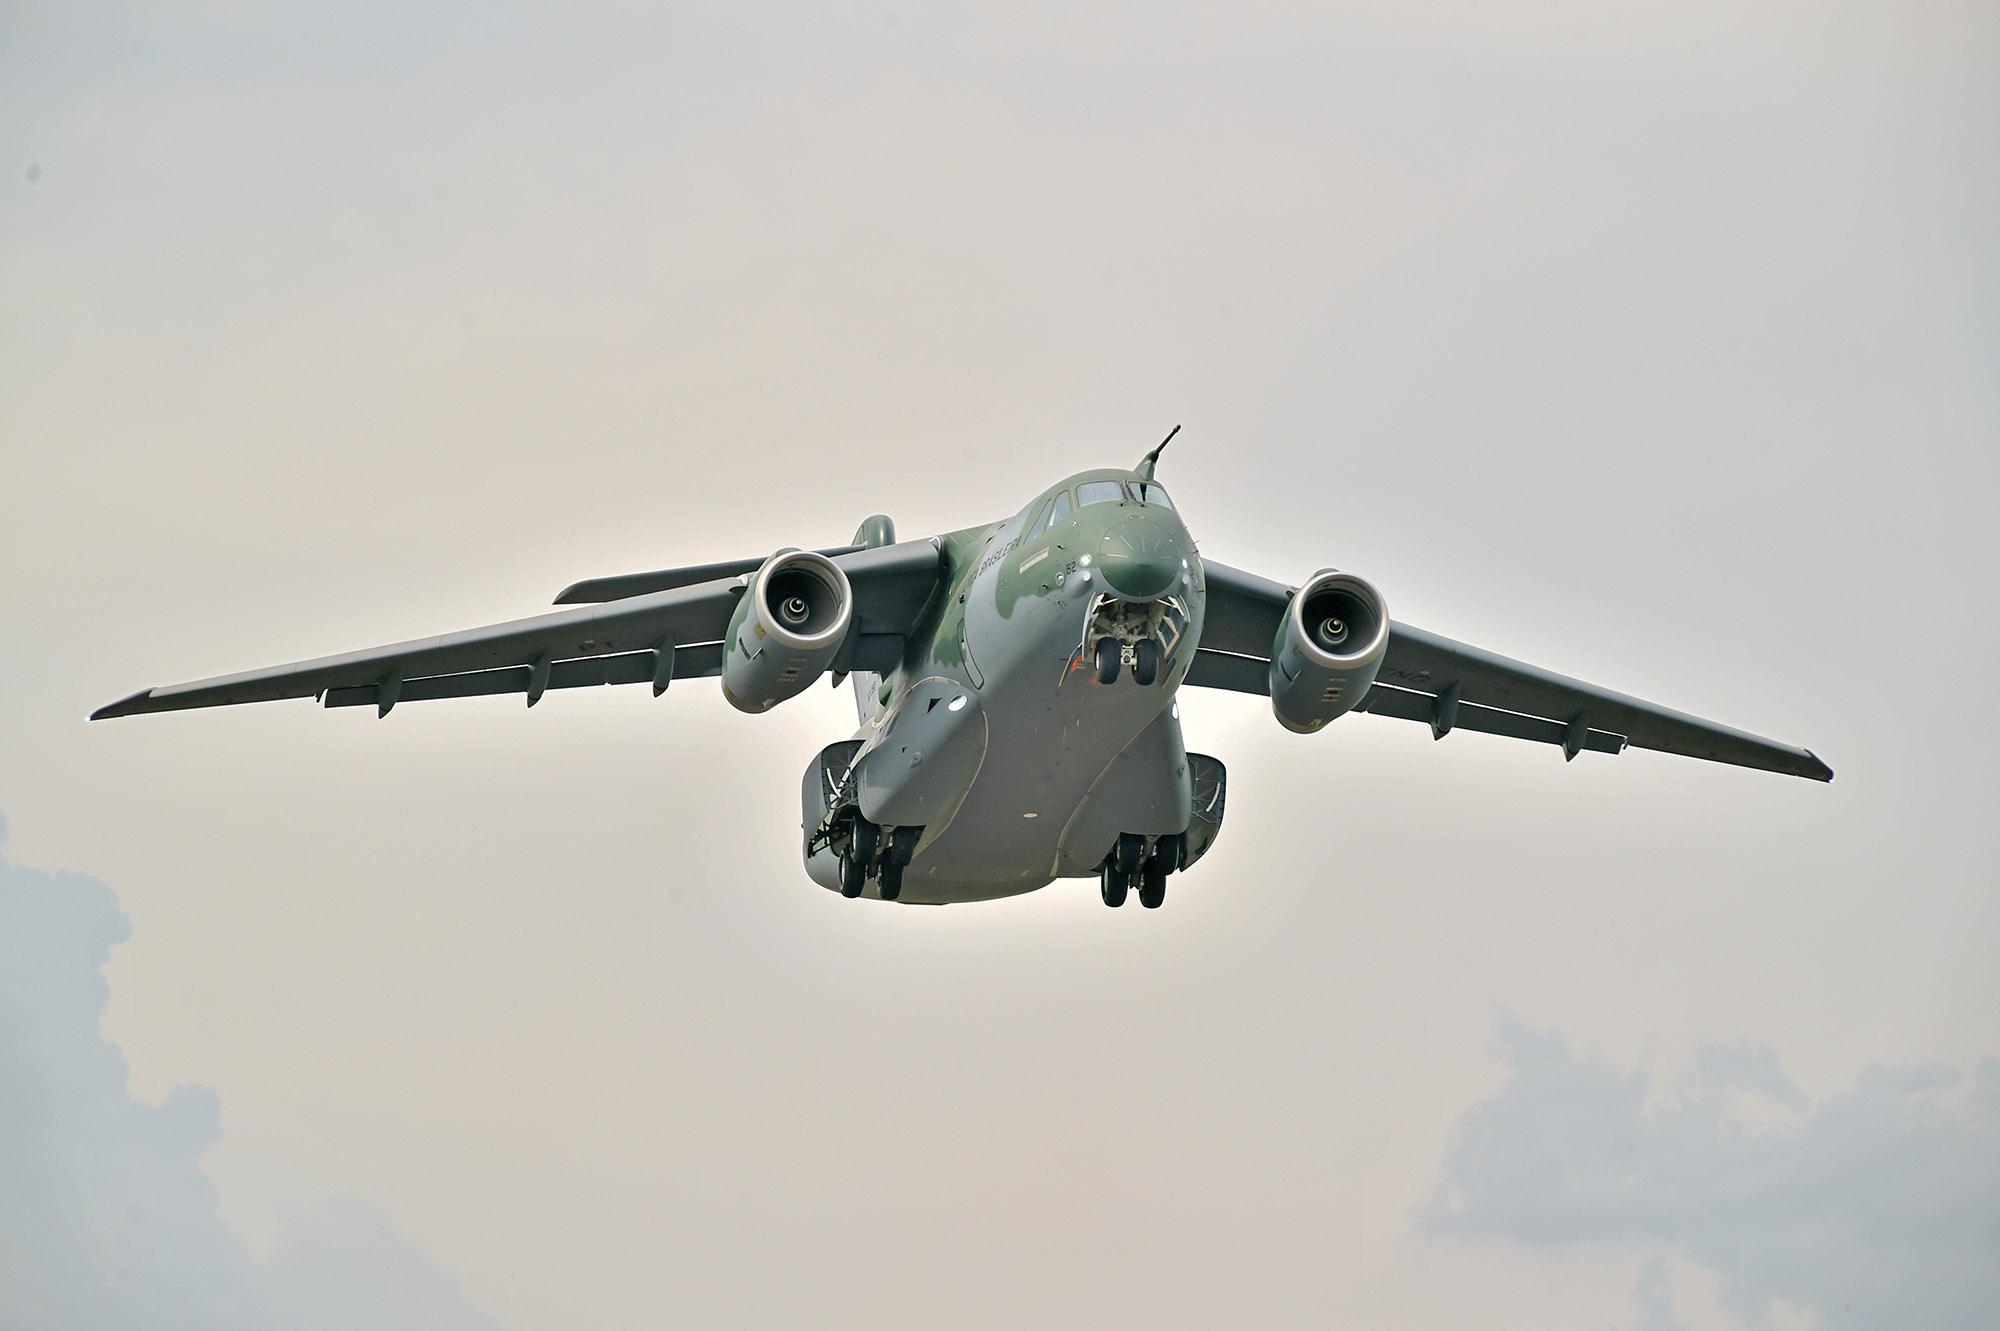 EMBRAER KC-390  - Página 7 Primeiro-voo-do-KC-390-de-s%C3%A9rie-2